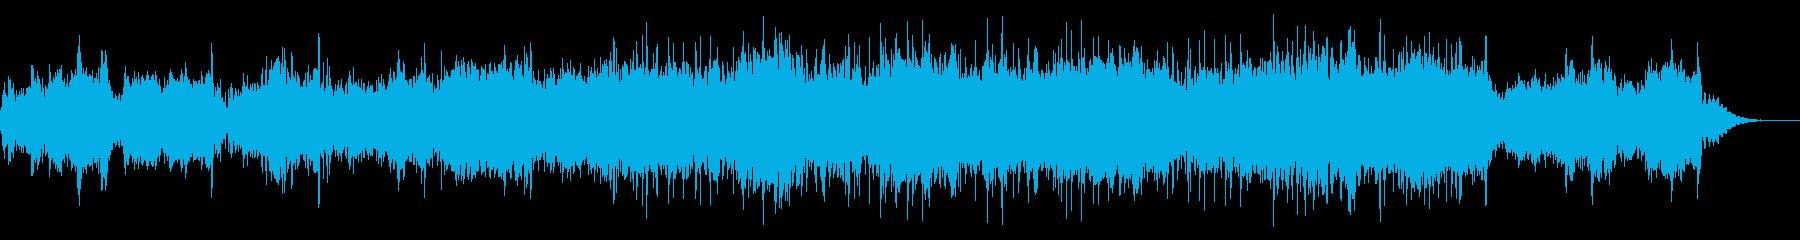 不気味なアンビエントテクスチャIDMの再生済みの波形